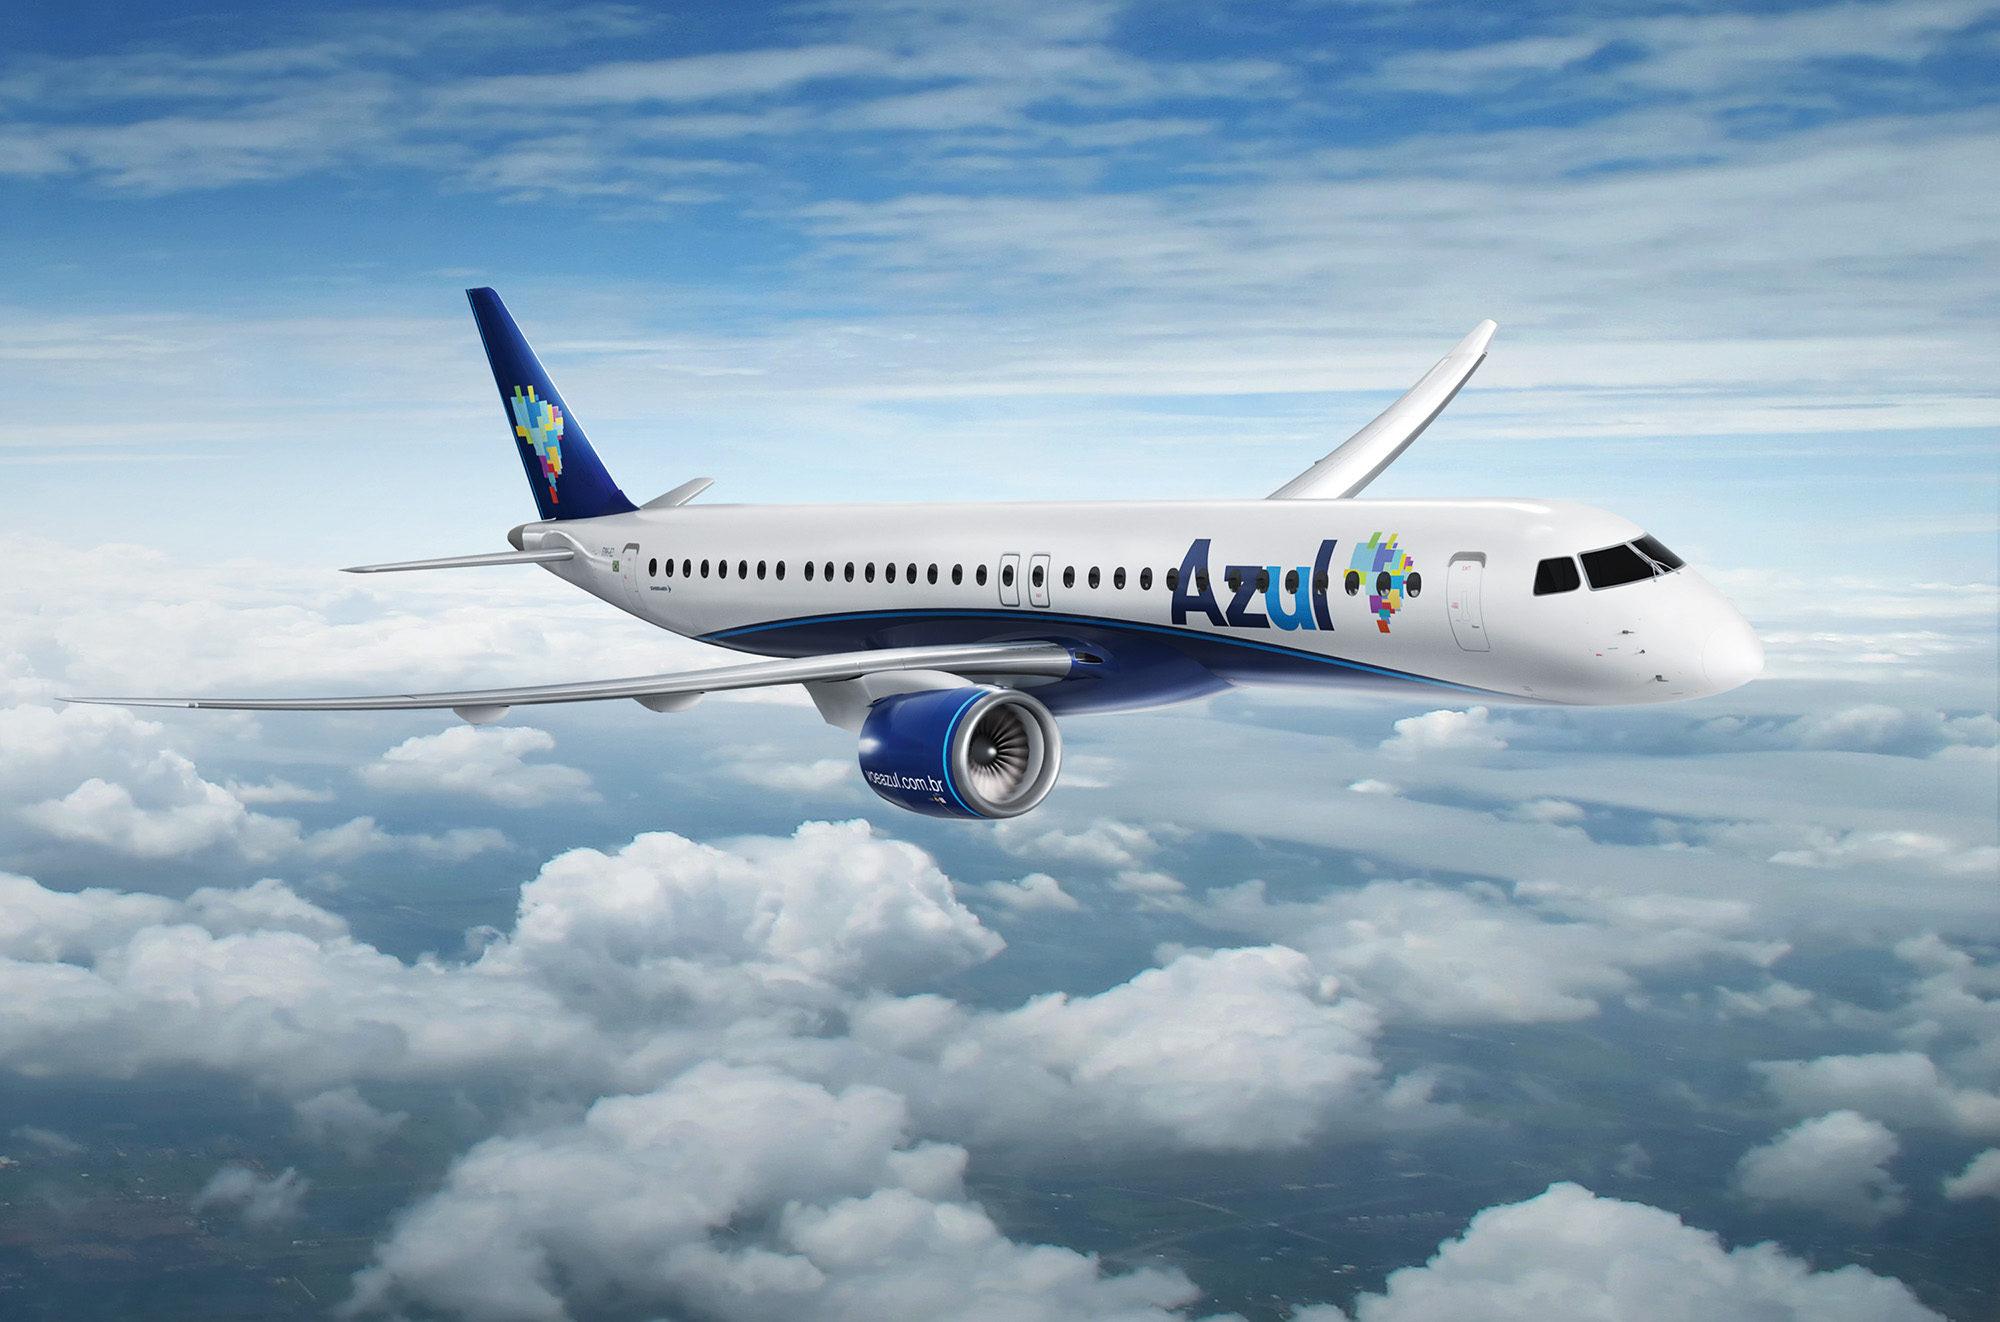 Concepção artística do Embraer E195-E2 da Azul